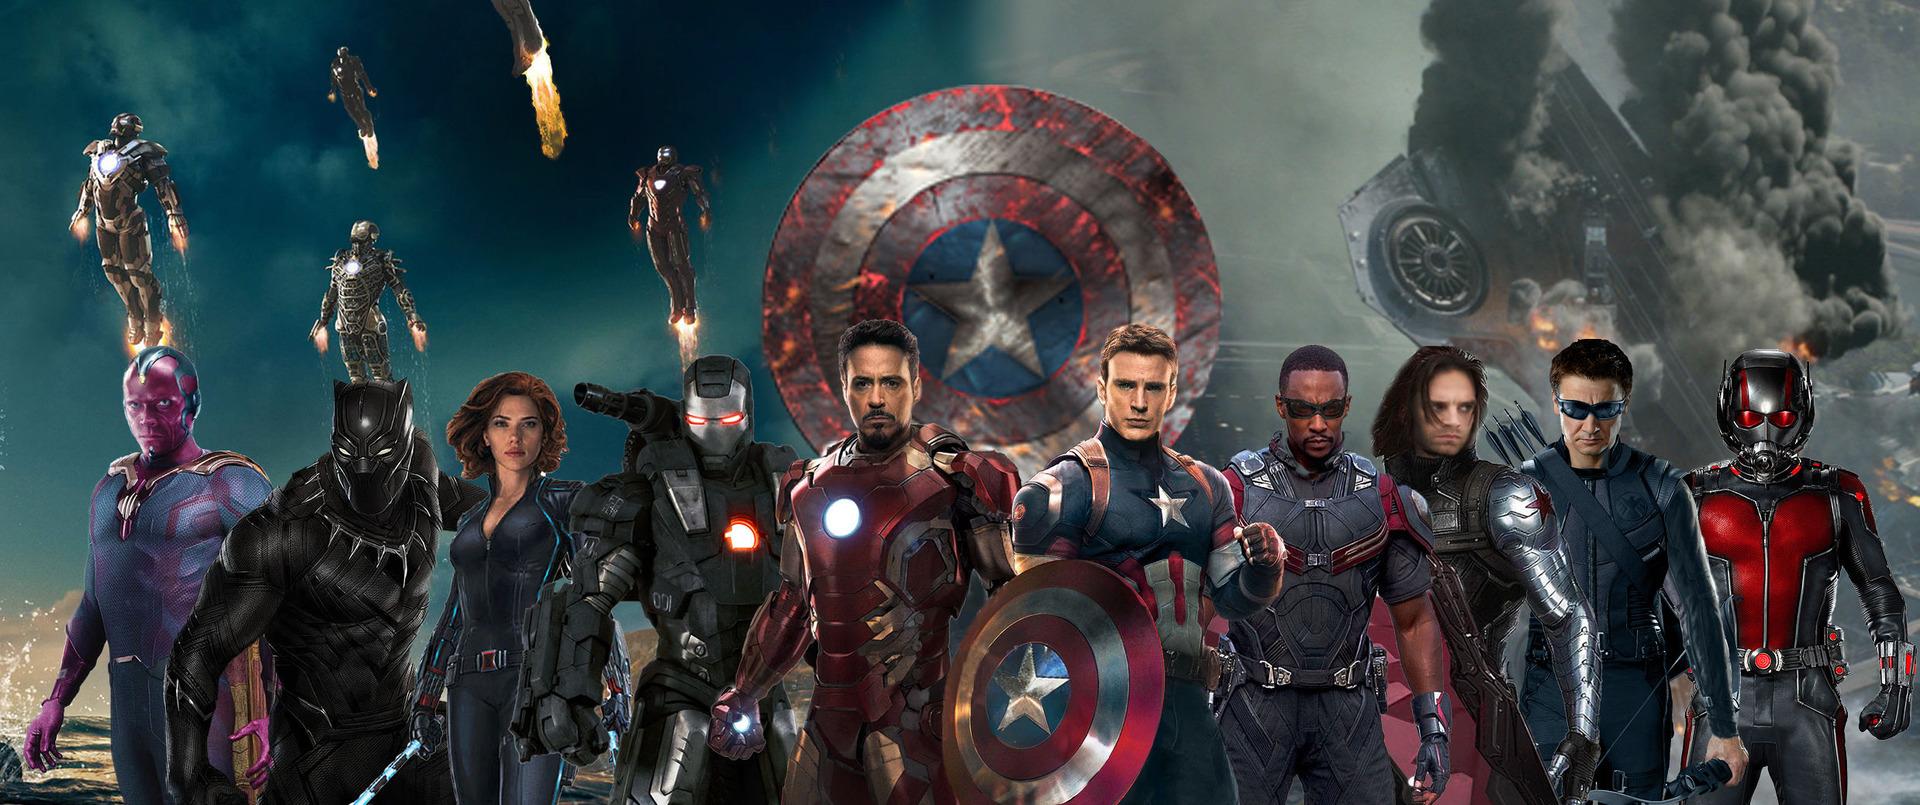 Первый мститель: противостояние / captain america: civil war (2016.